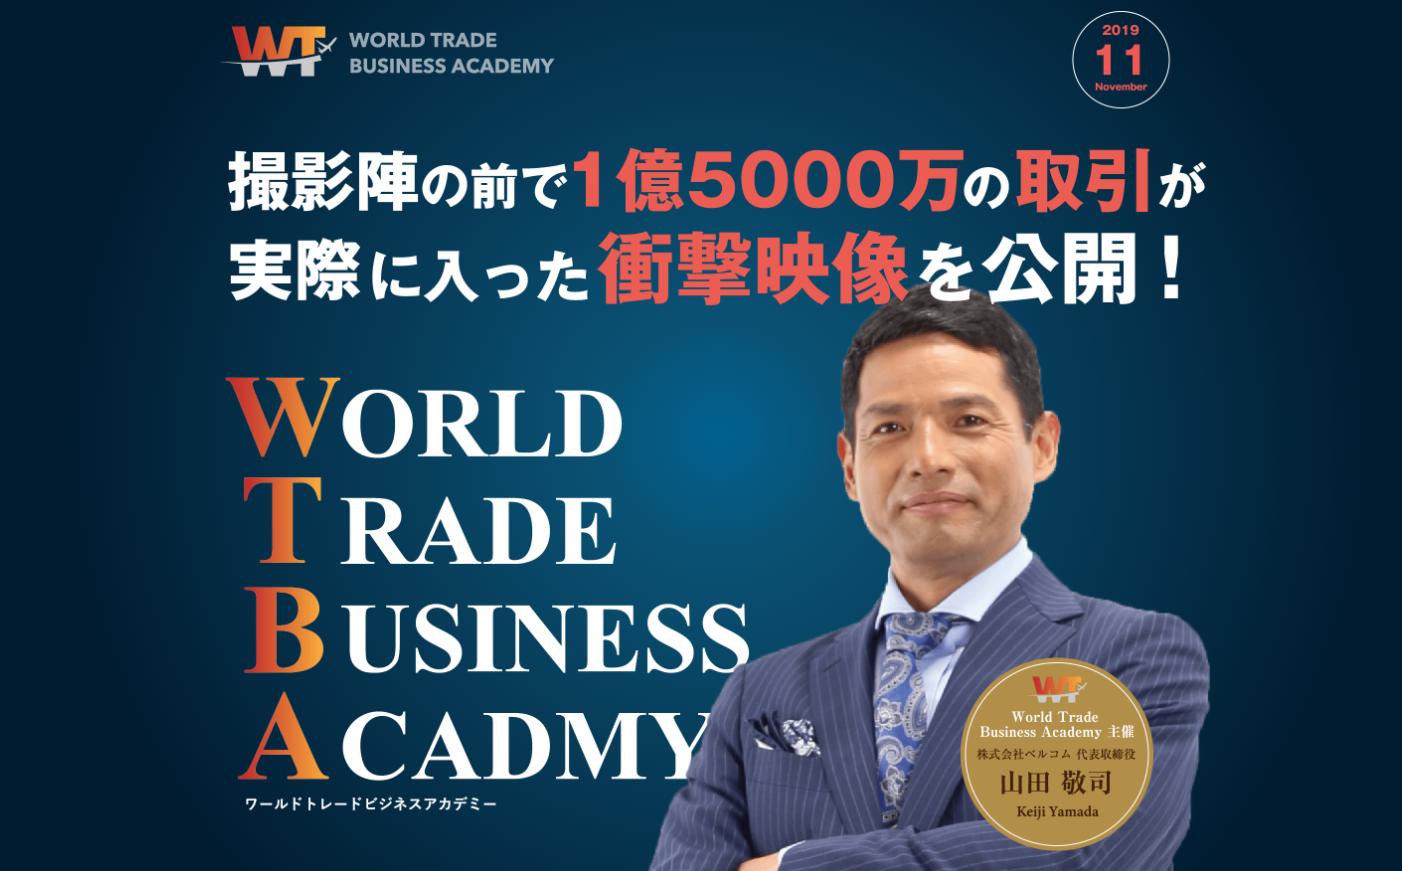 ワールドトレードビジネスアカデミー|山田敬治(やまだけいじ)は副業詐欺なのか?口コミや評判を調査してみた!